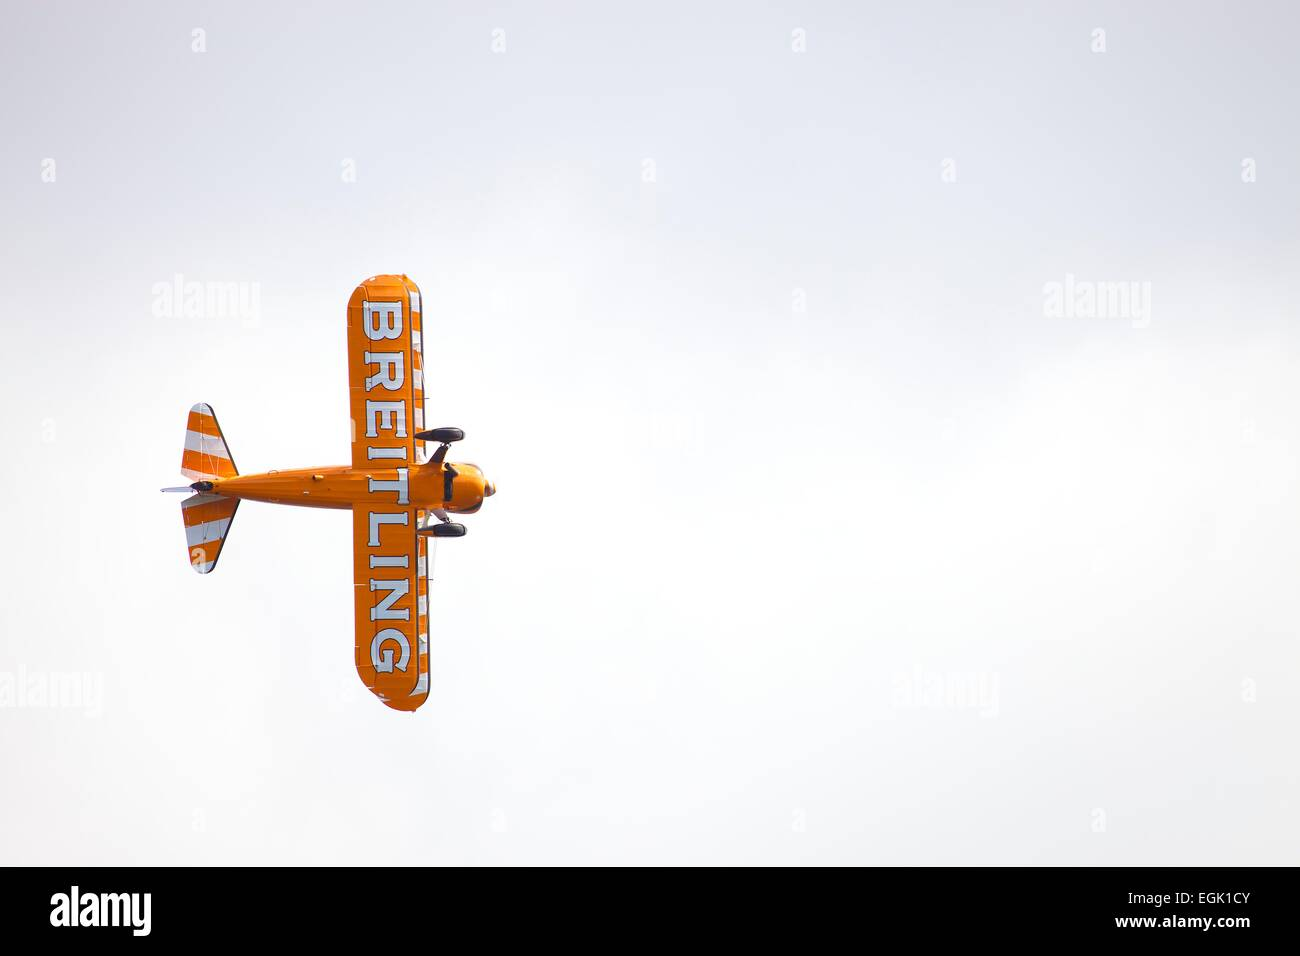 Al di sotto della Boeing Stearman modello 75. Breitling biplano nel cielo bianco Immagini Stock